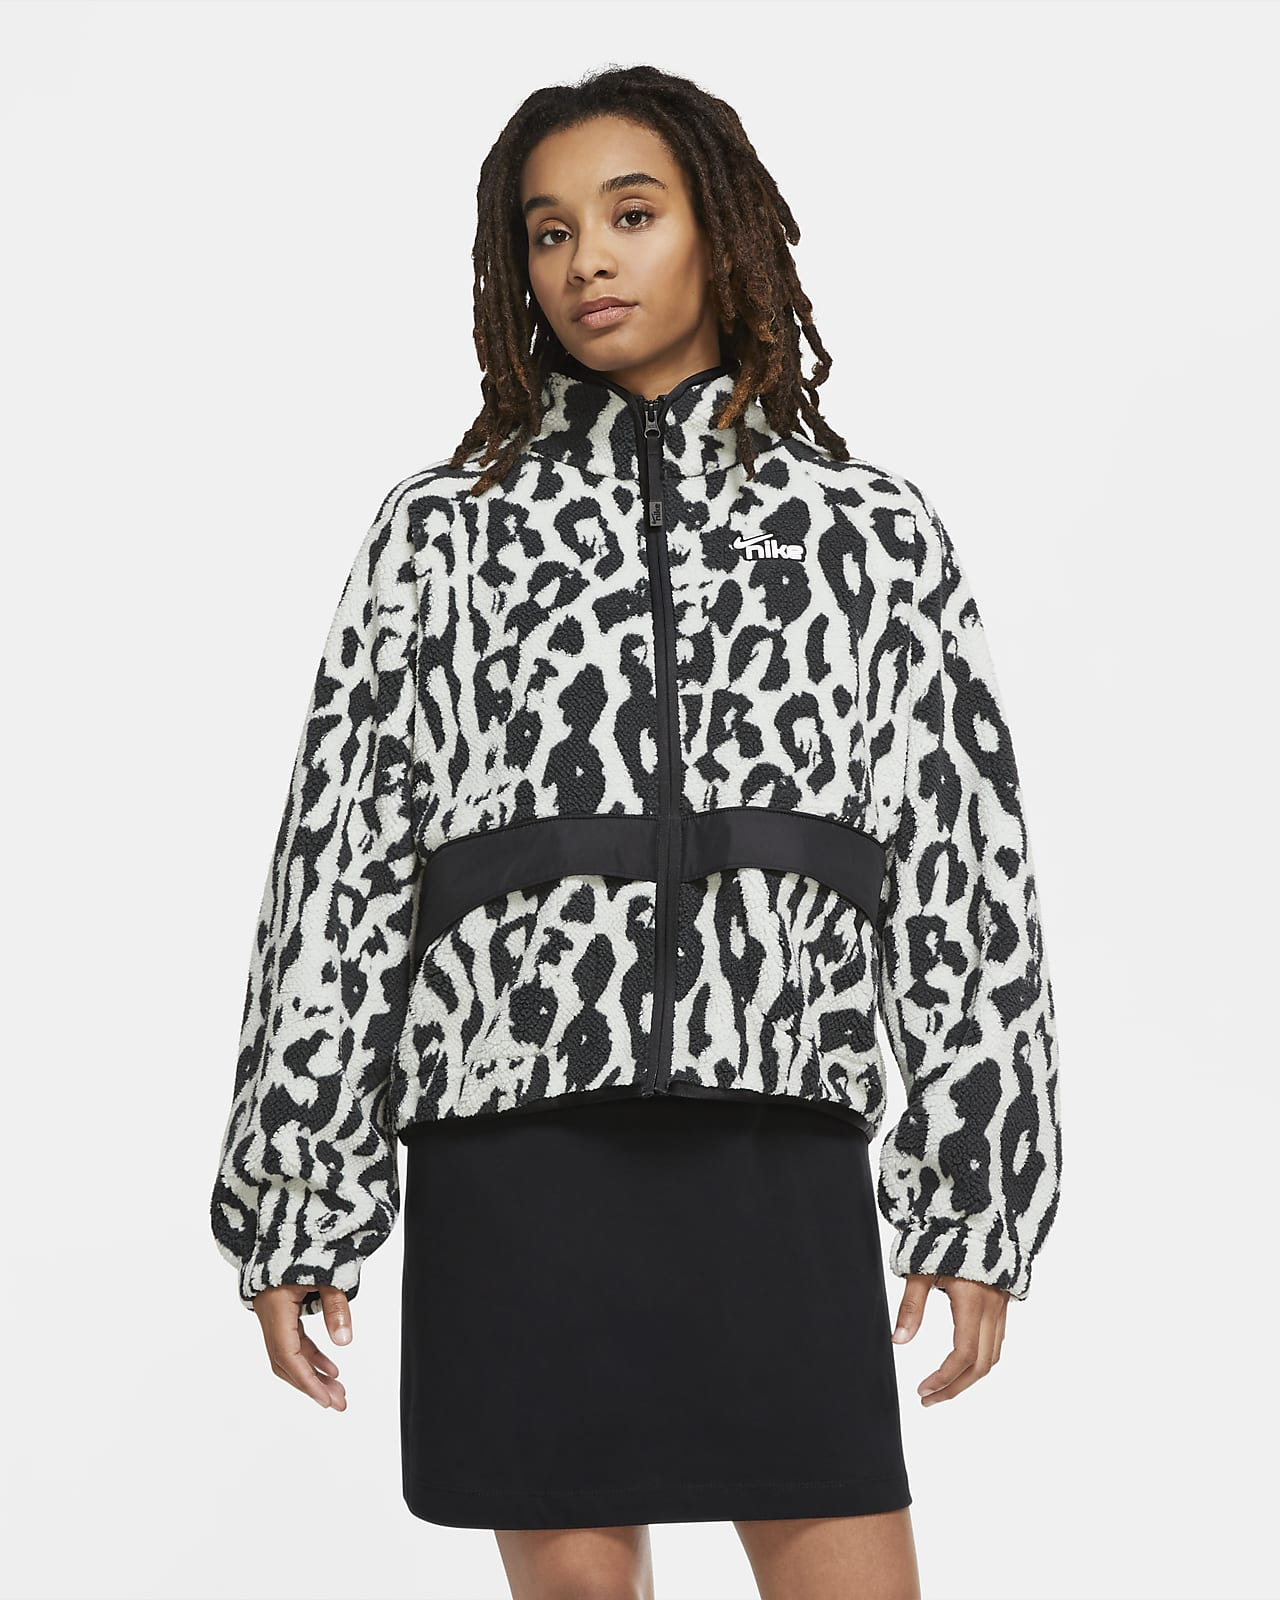 Nike Sportswear Women's Sherpa Jacket